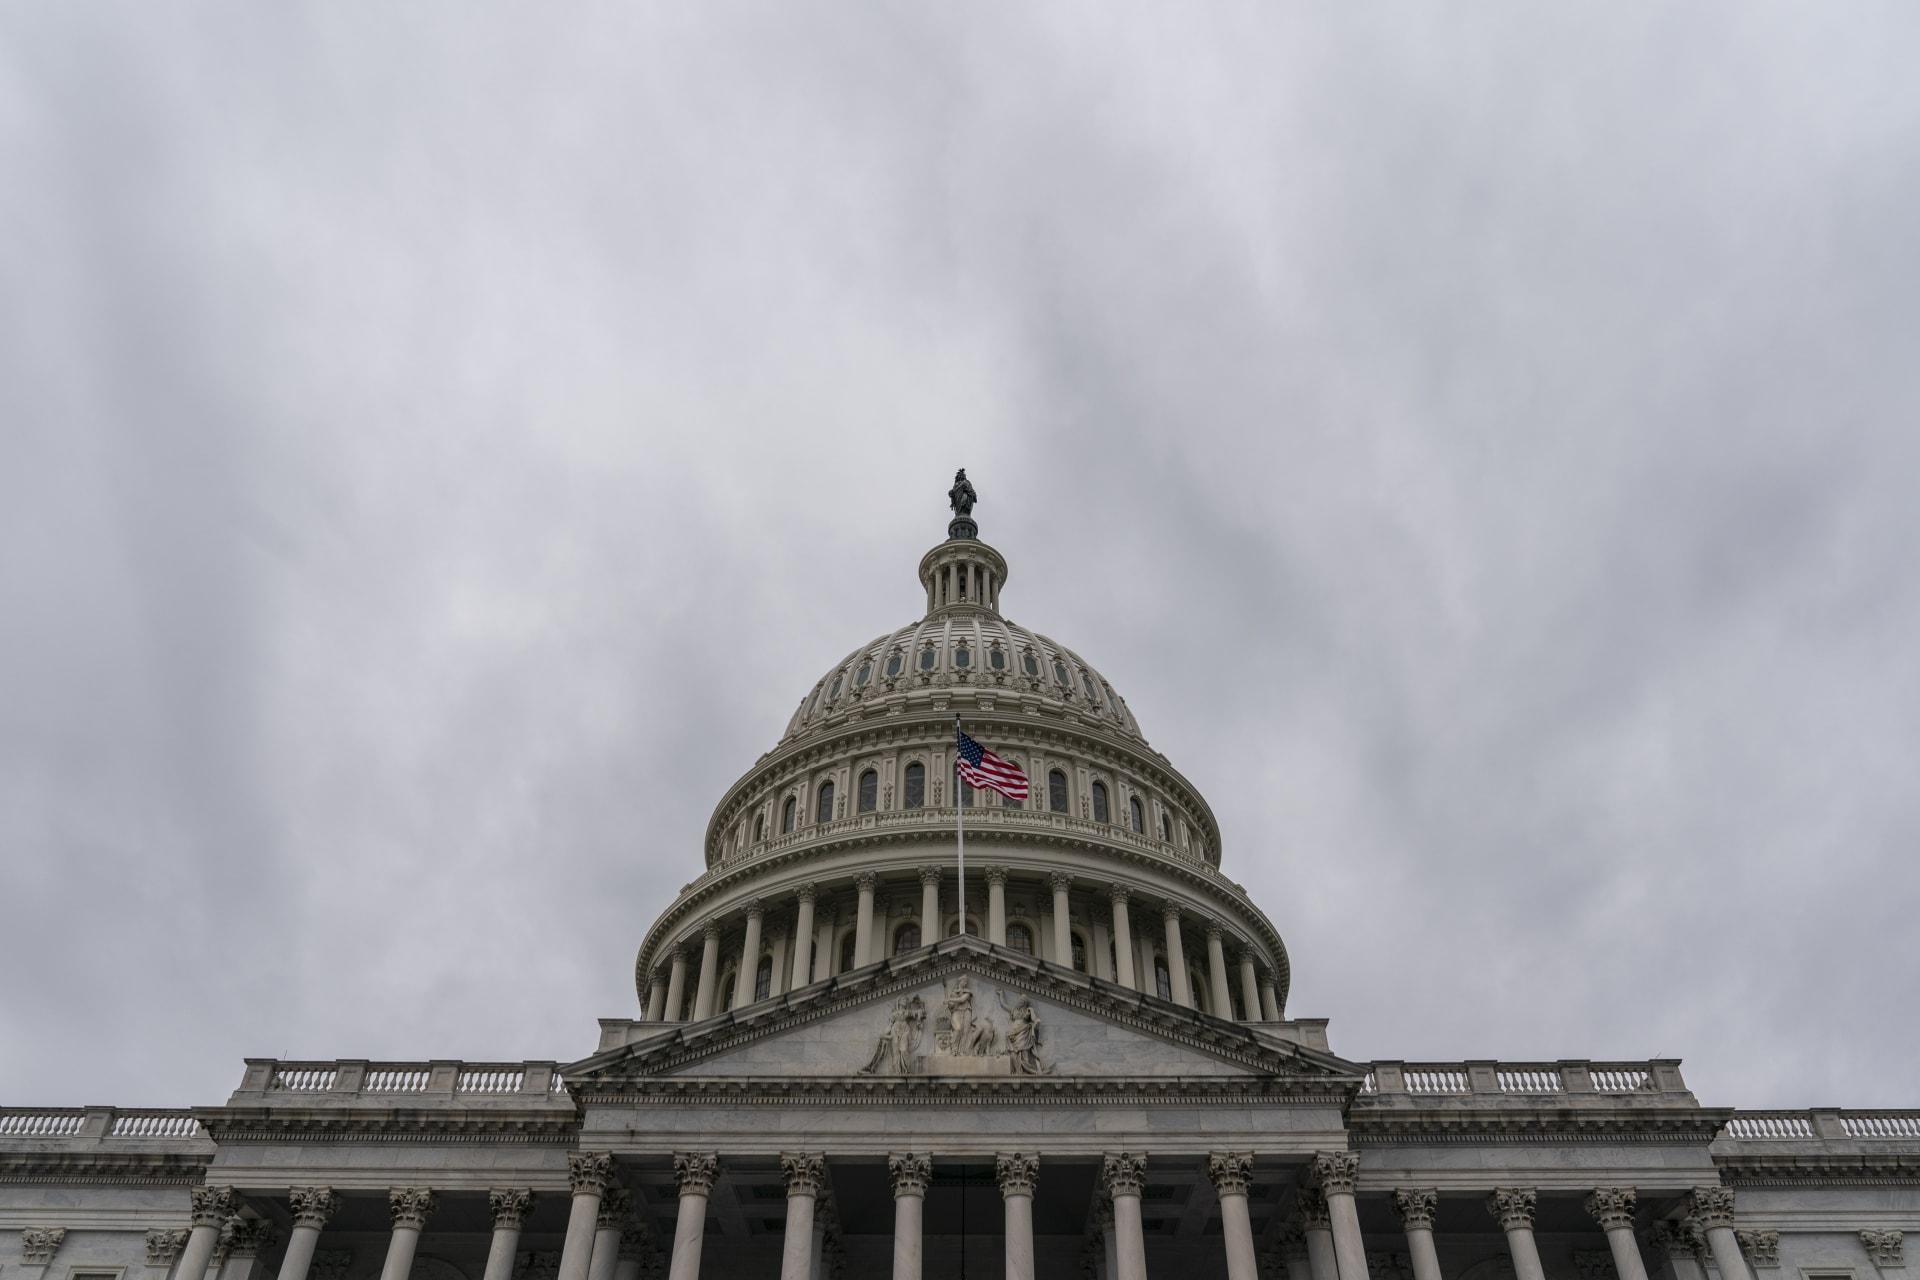 10 من أعضاء مجلس الشيوخ الجمهوريين يخططون للاعتراض على أصوات المجمع الانتخابي